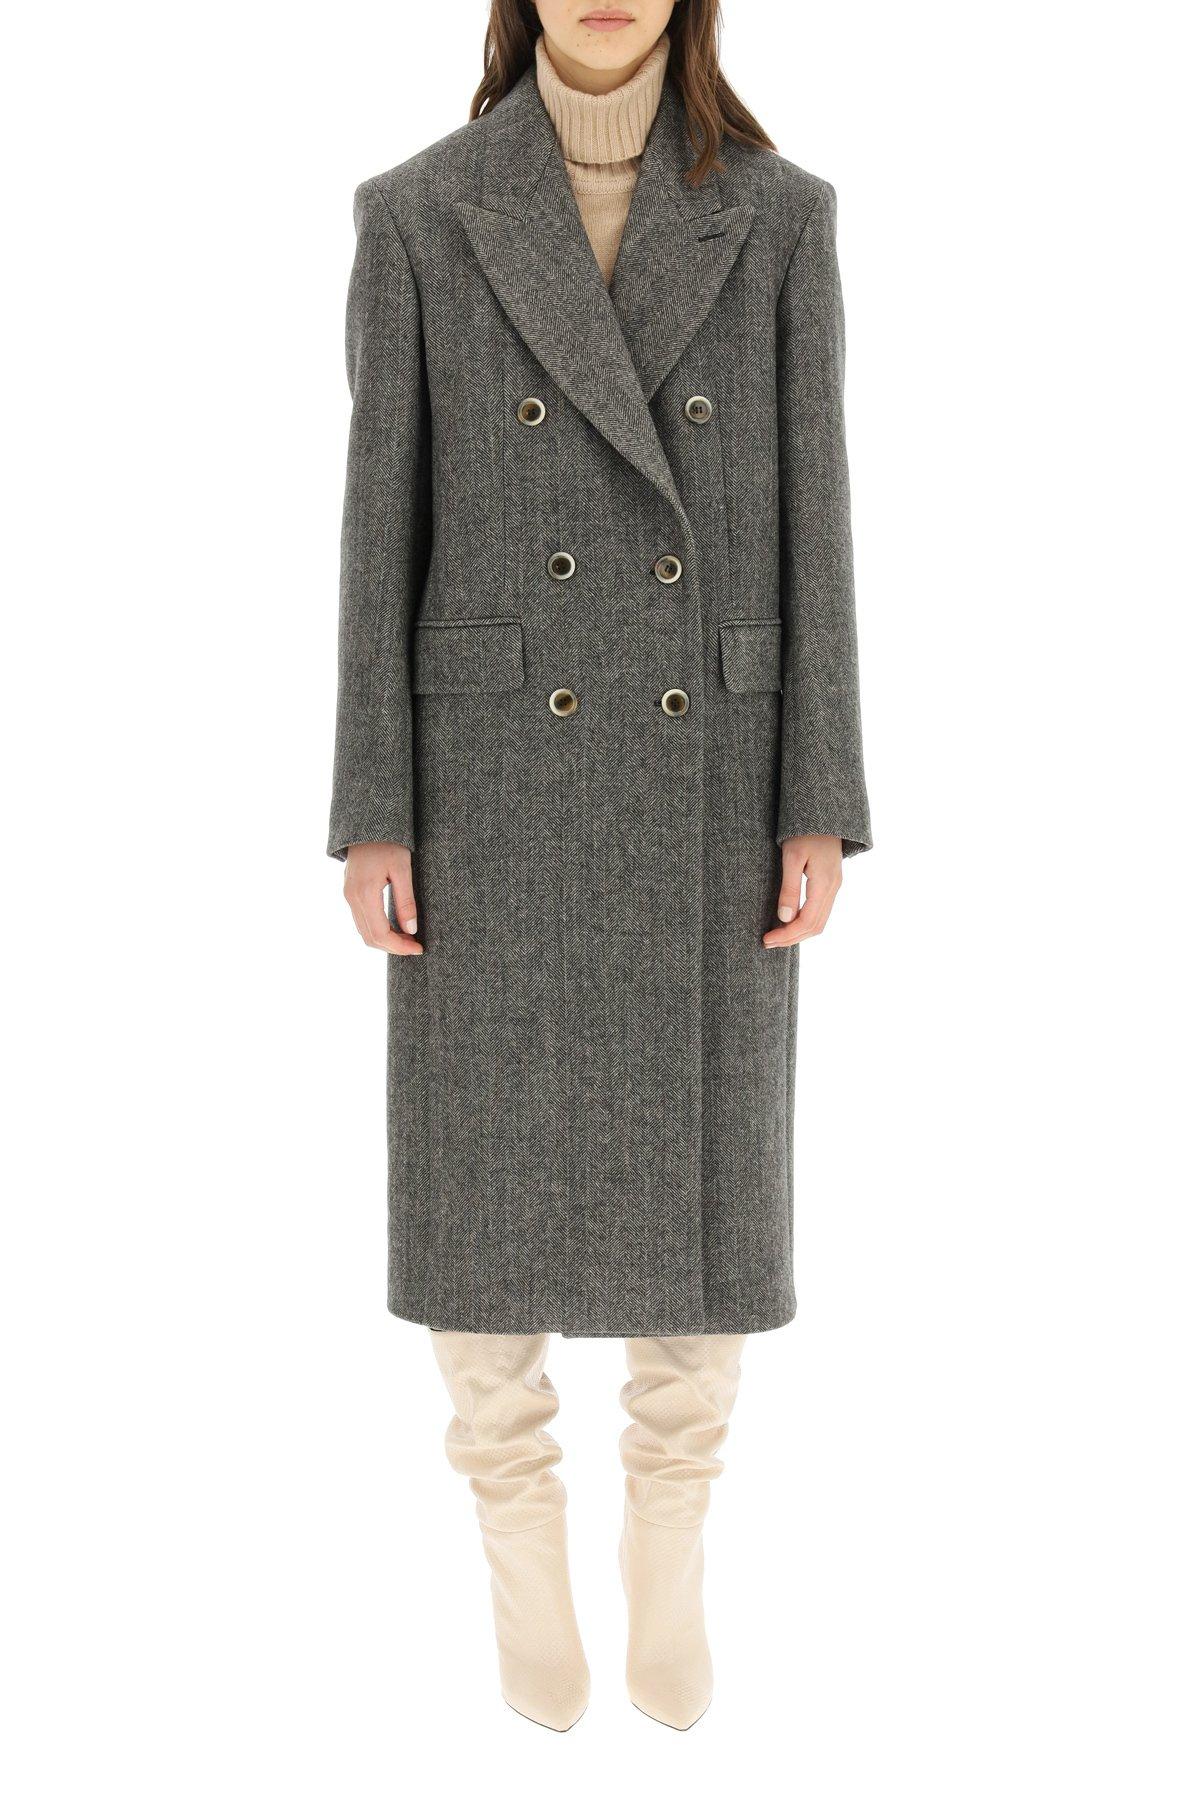 Sportmax cappotto doppio petto in lana chevron